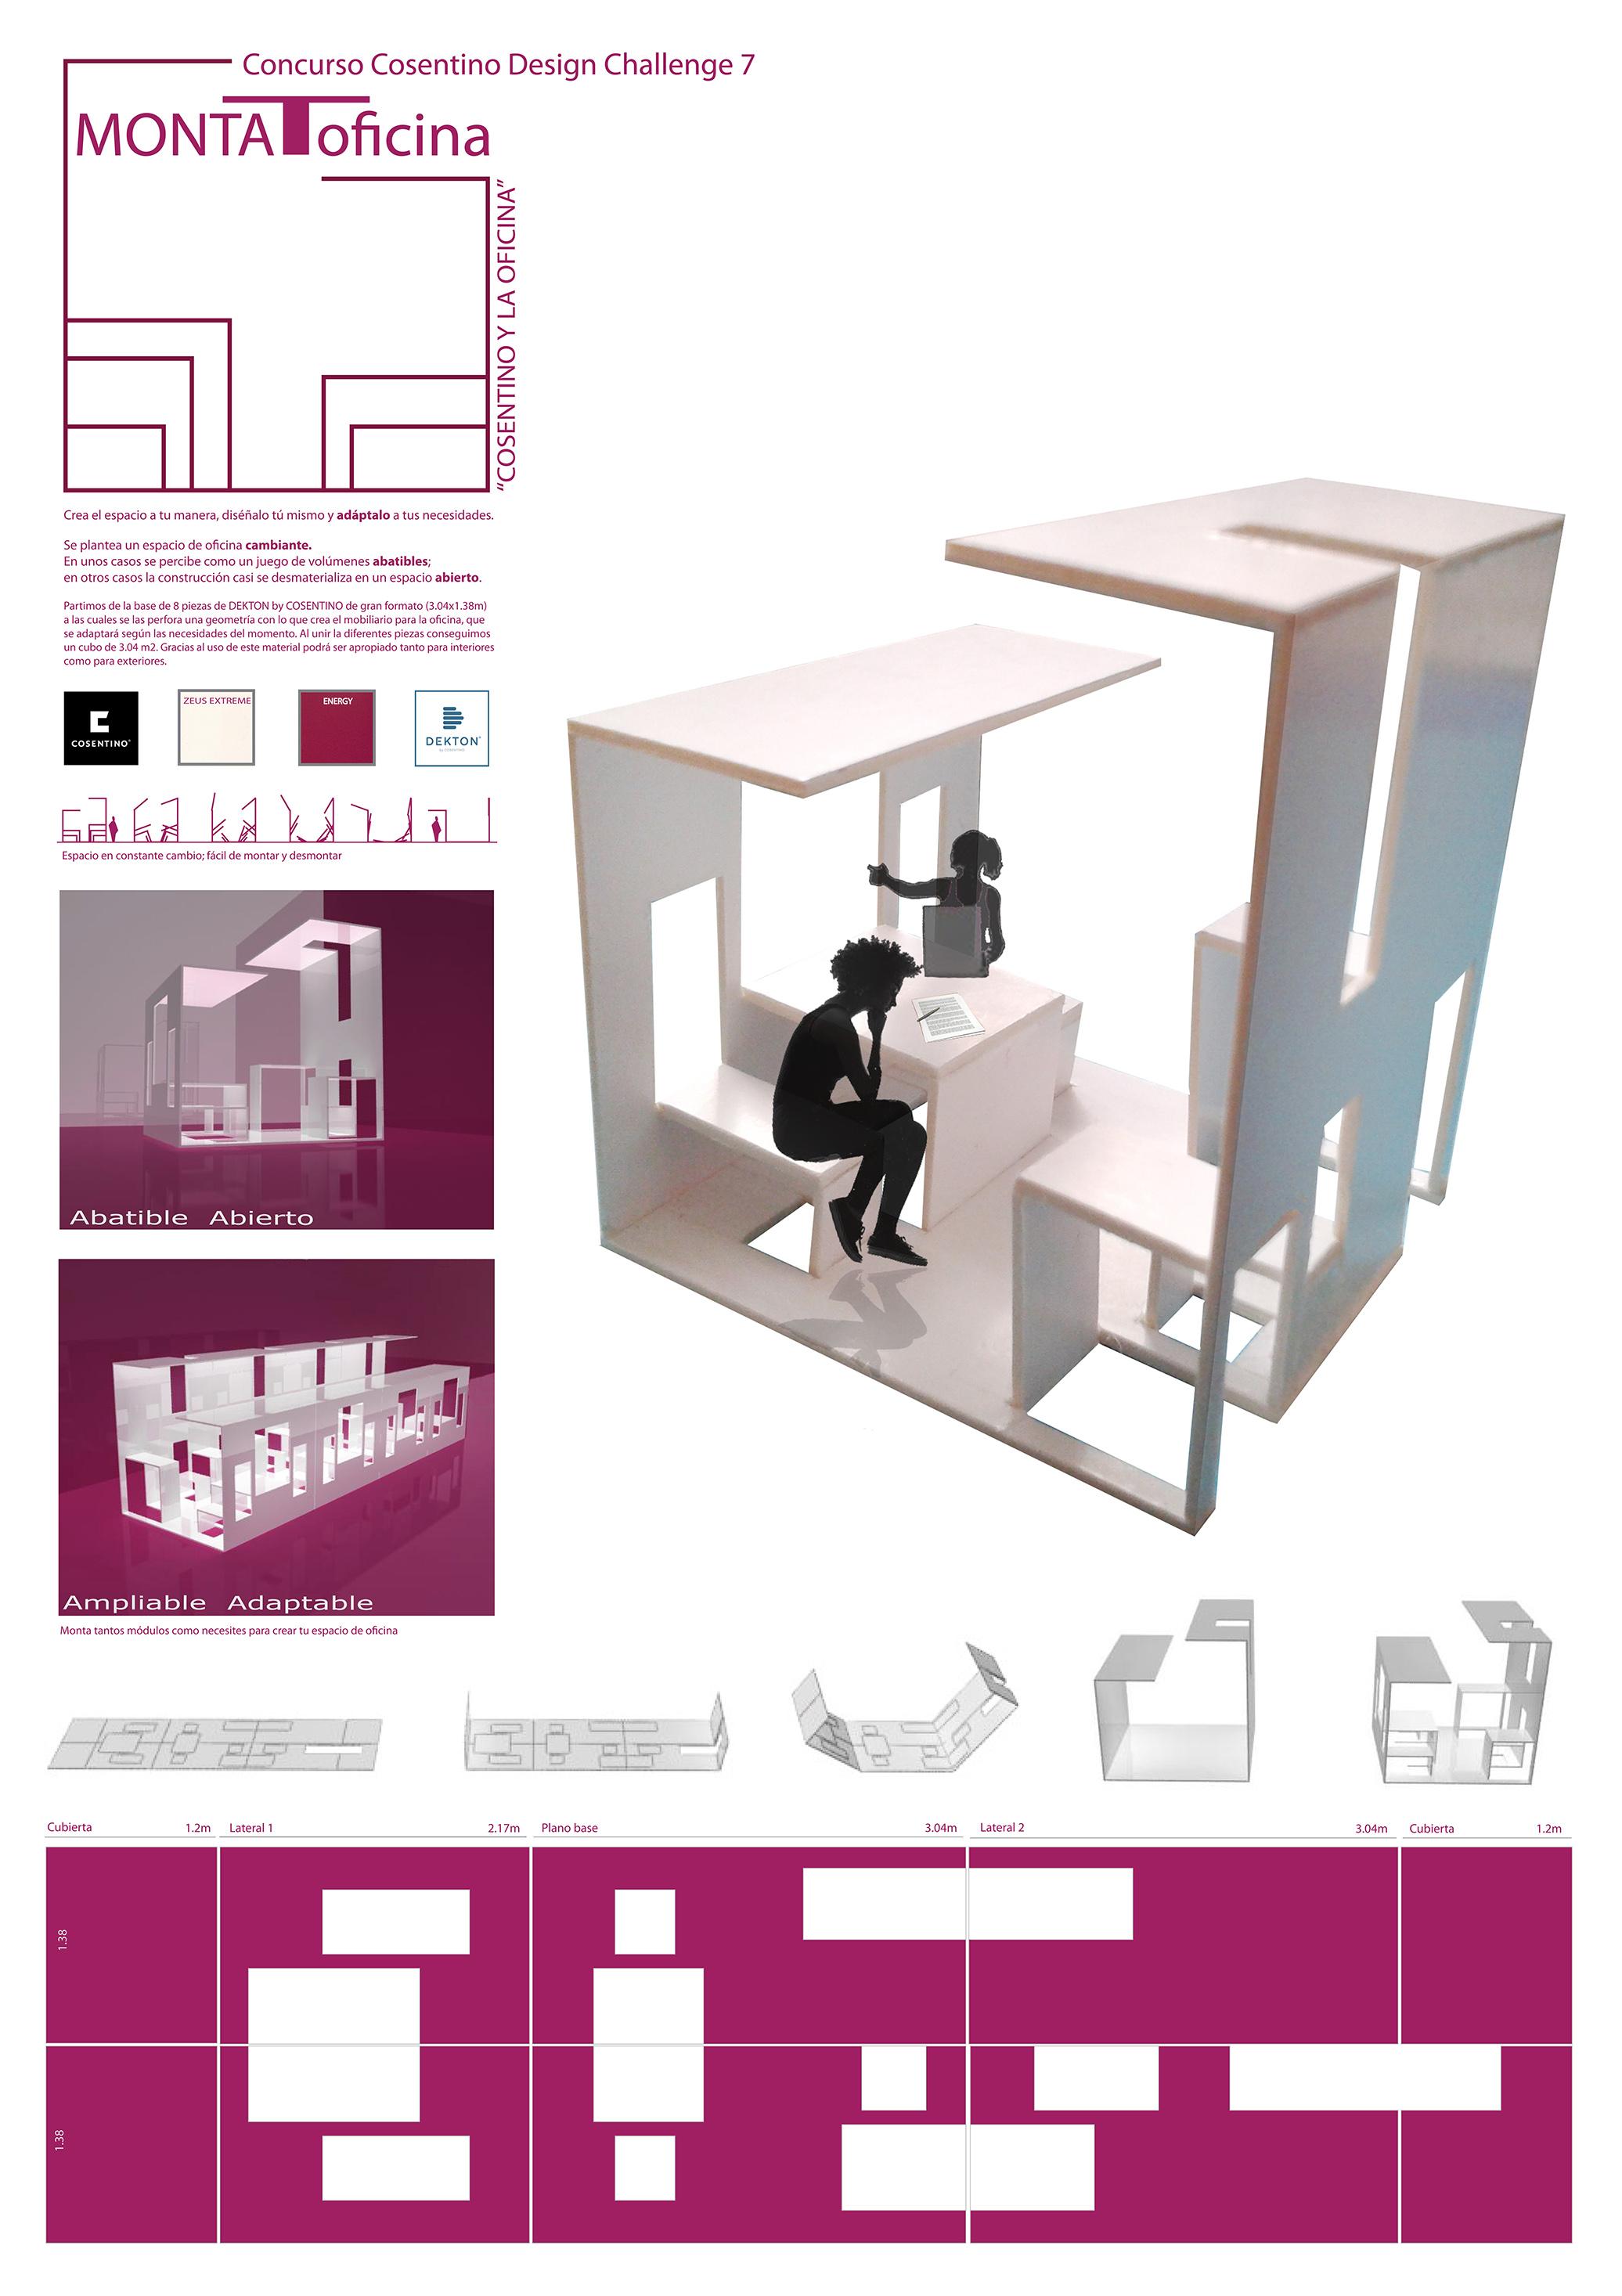 Exposici n en la escuela arte10 de los proyectos ganadores for Cartel oficina